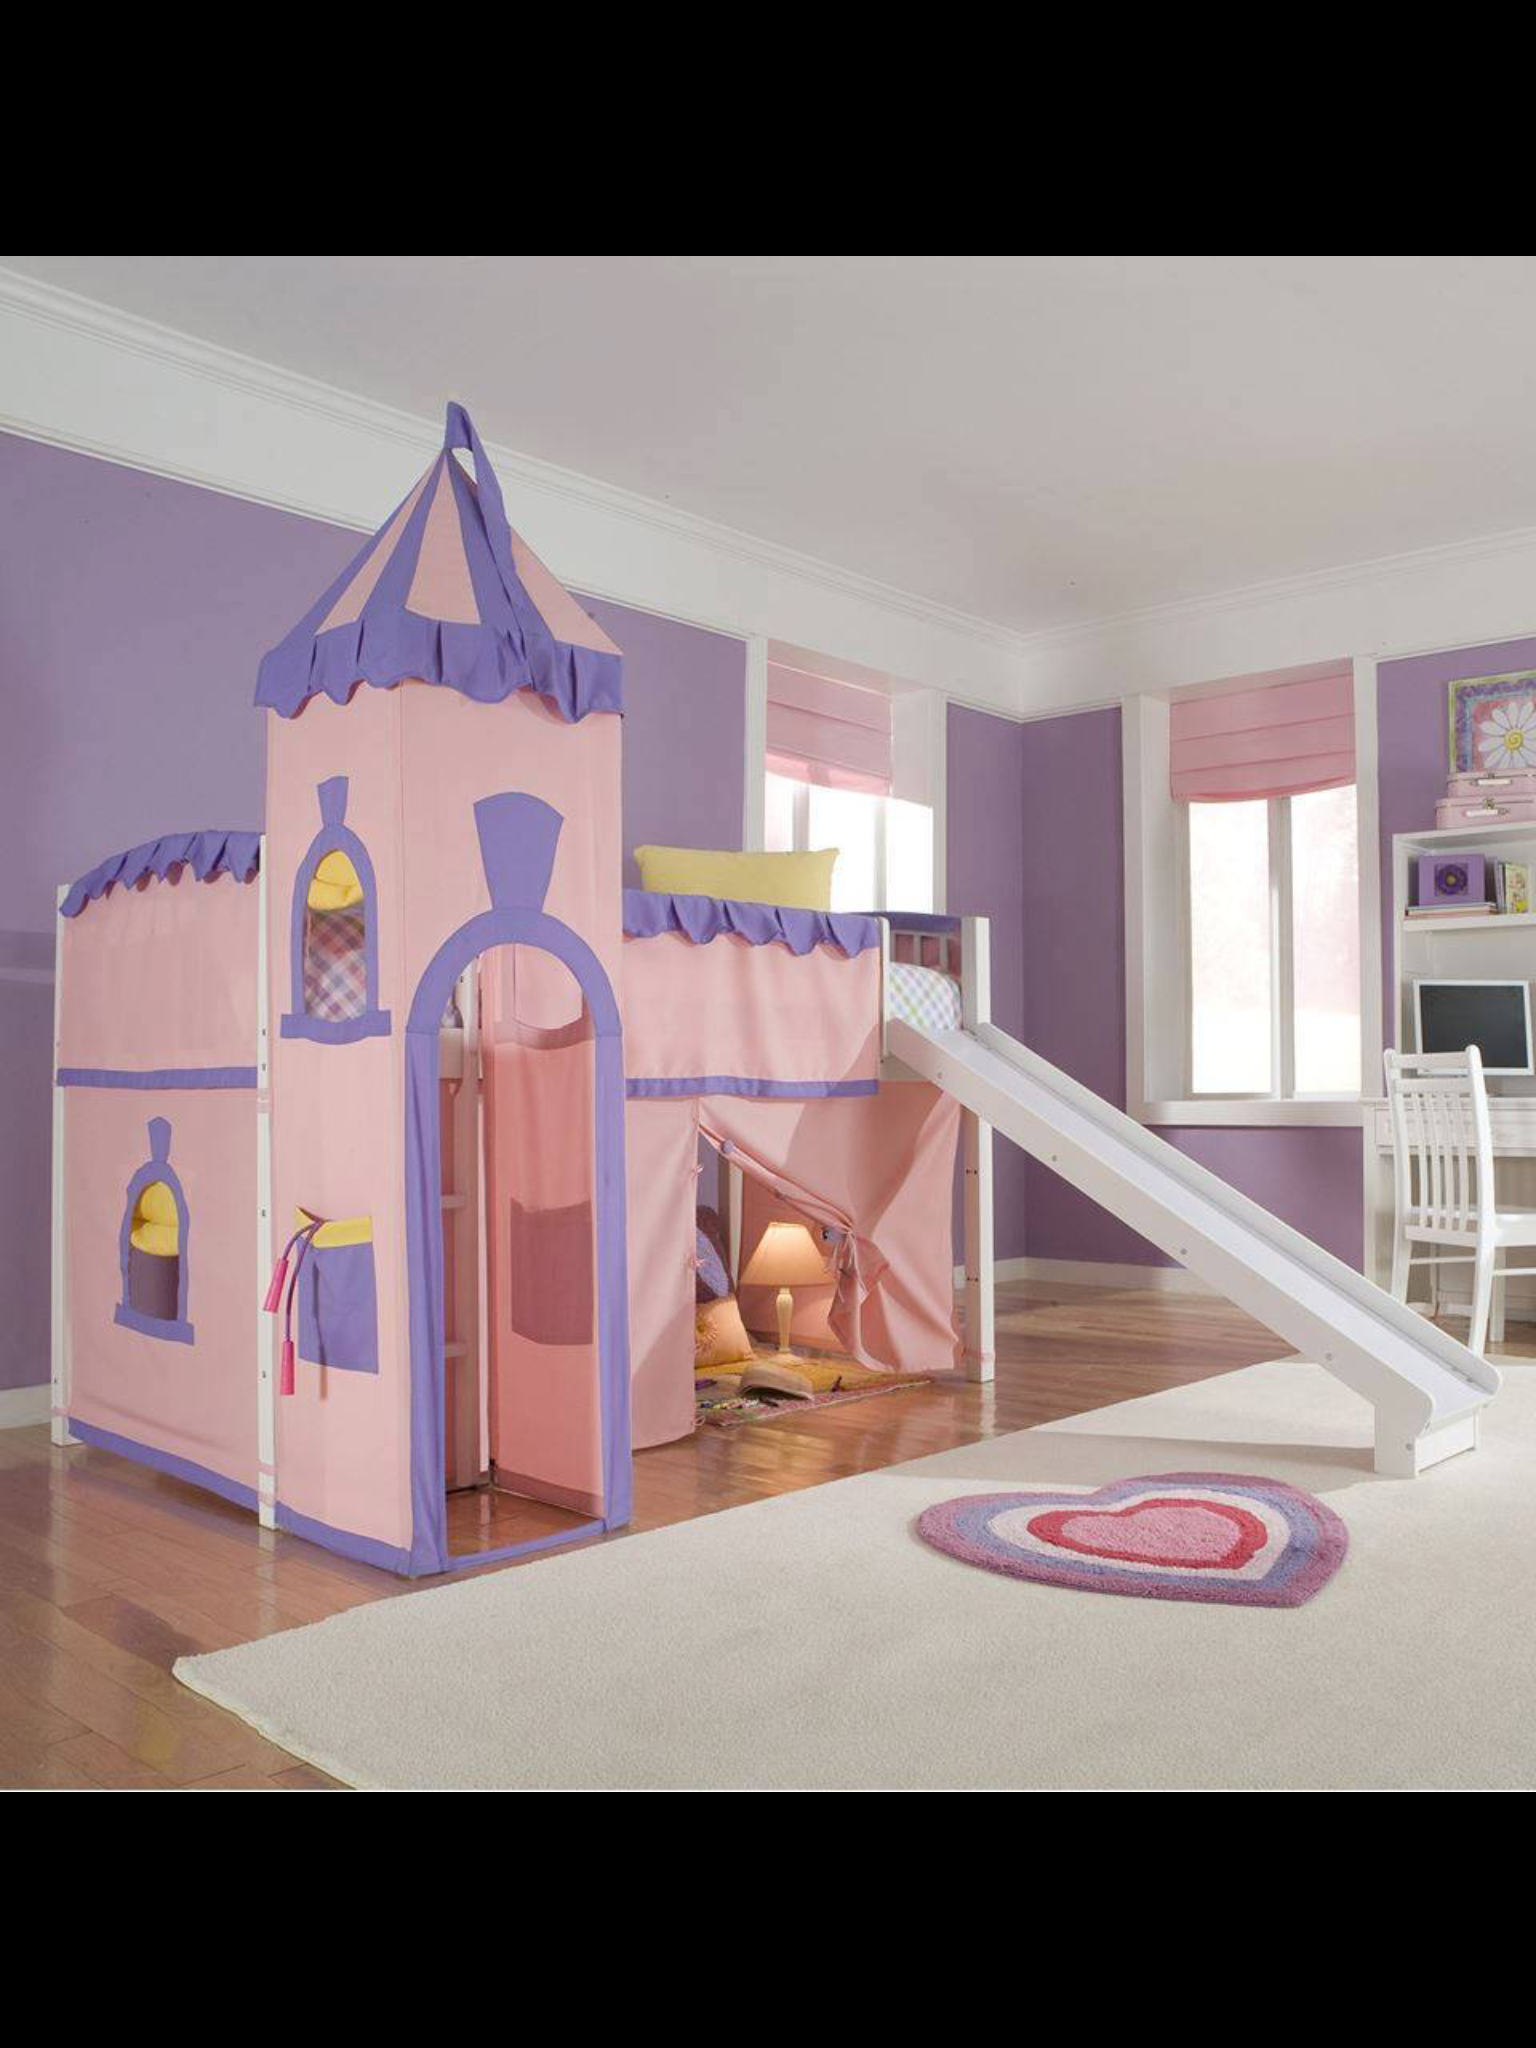 Kura loft bed ideas  Pin by Betty Guiles on Modern Bunk Beds  Pinterest  Modern bunk